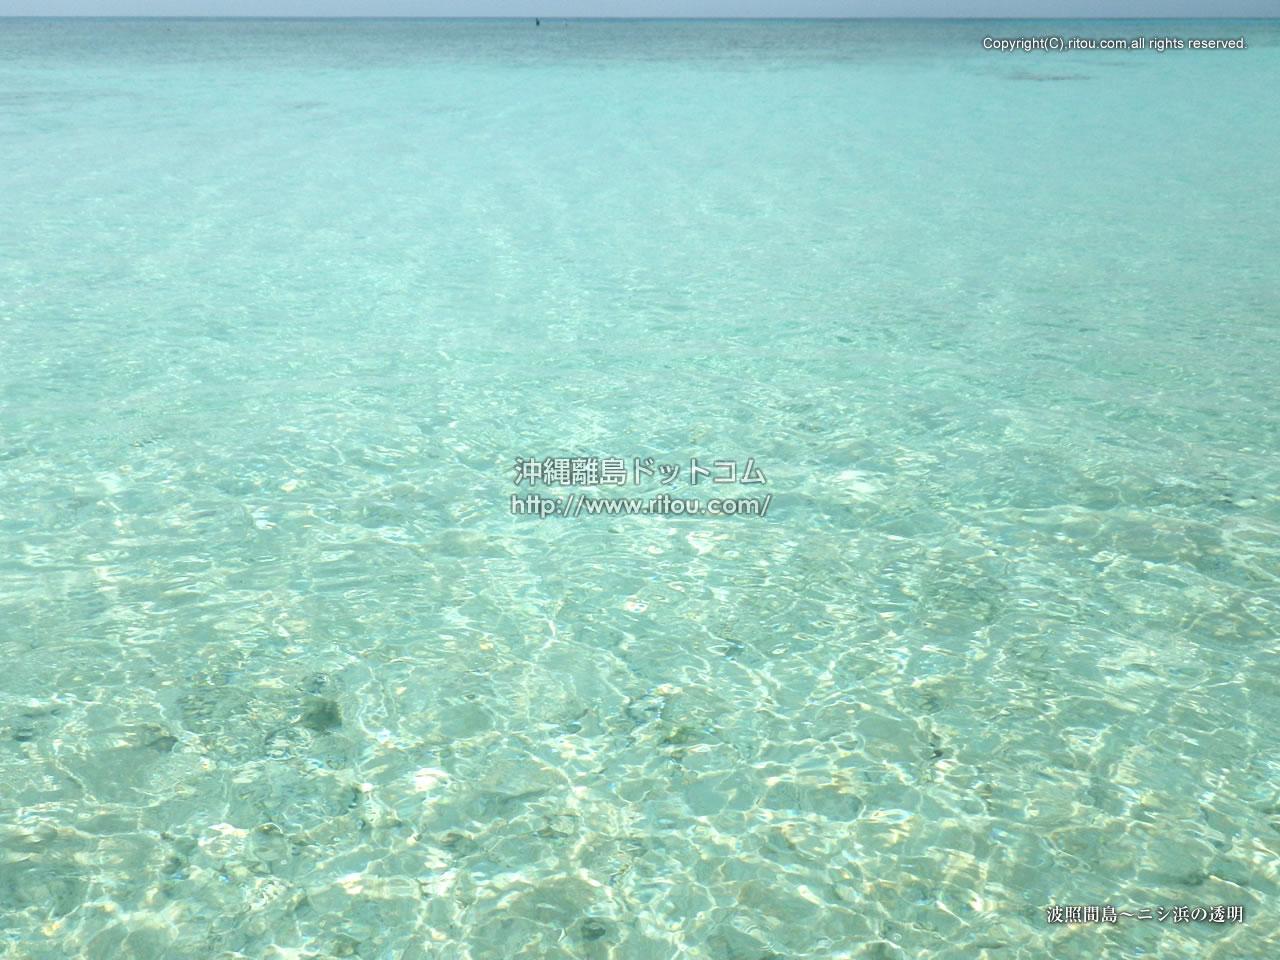 波照間島〜ニシ浜の透明